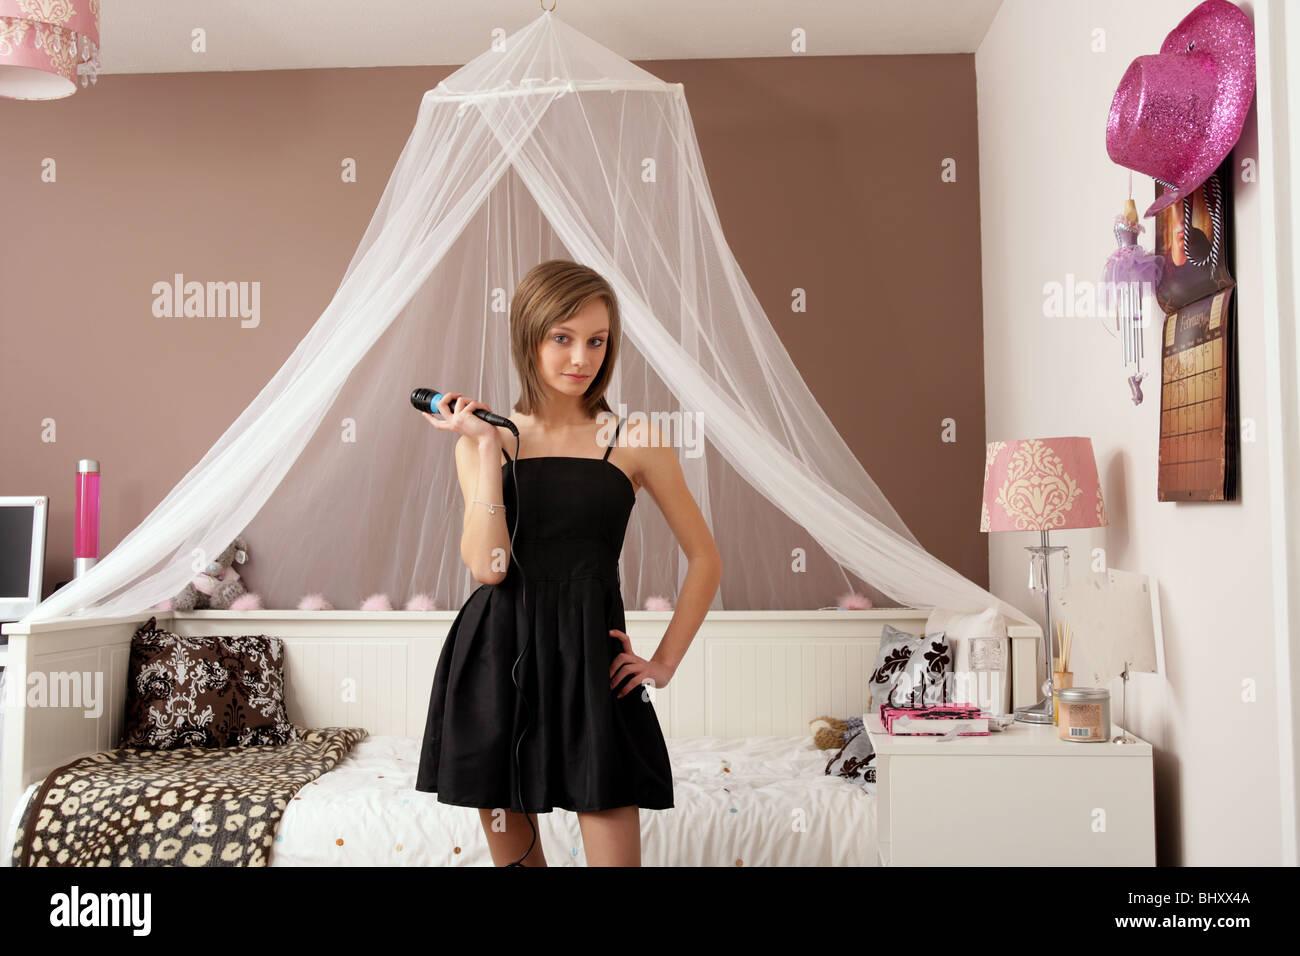 Una rubia de catorce años de edad, niña de pie en su dormitorio sosteniendo un micrófono y que llevaba Imagen De Stock